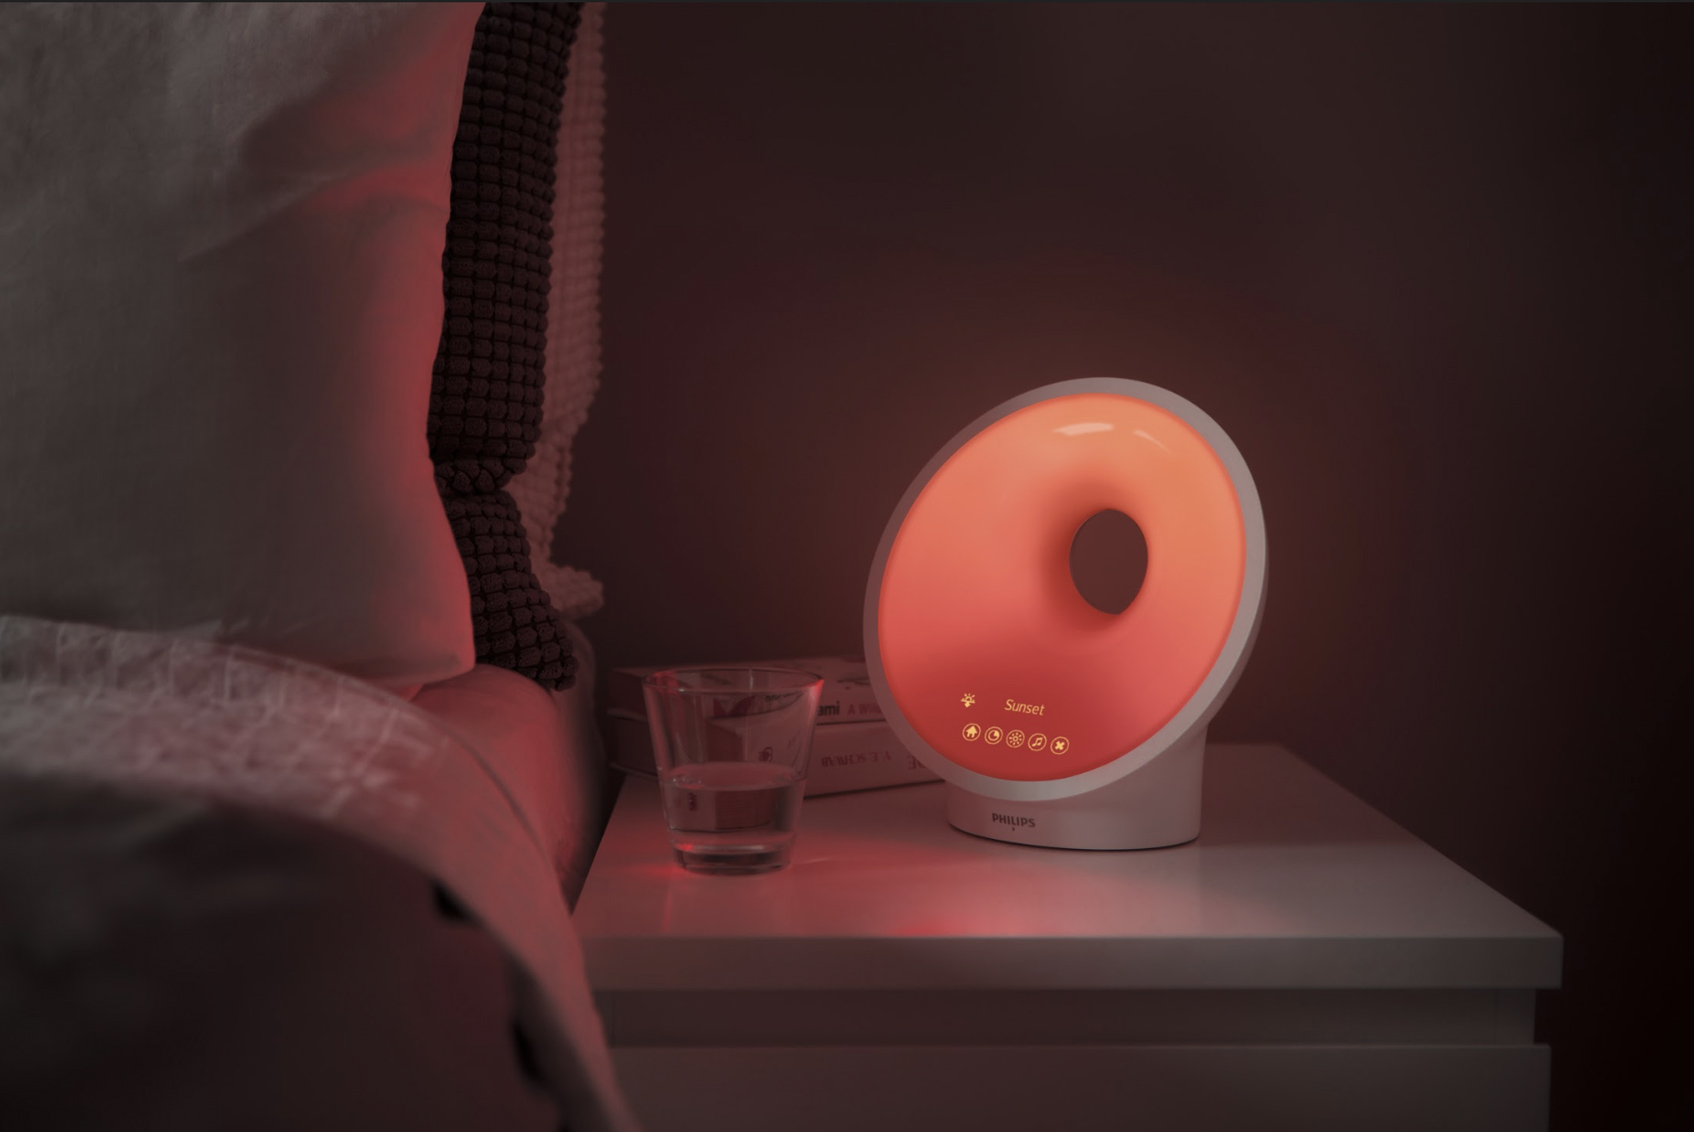 световой будильник philips польза